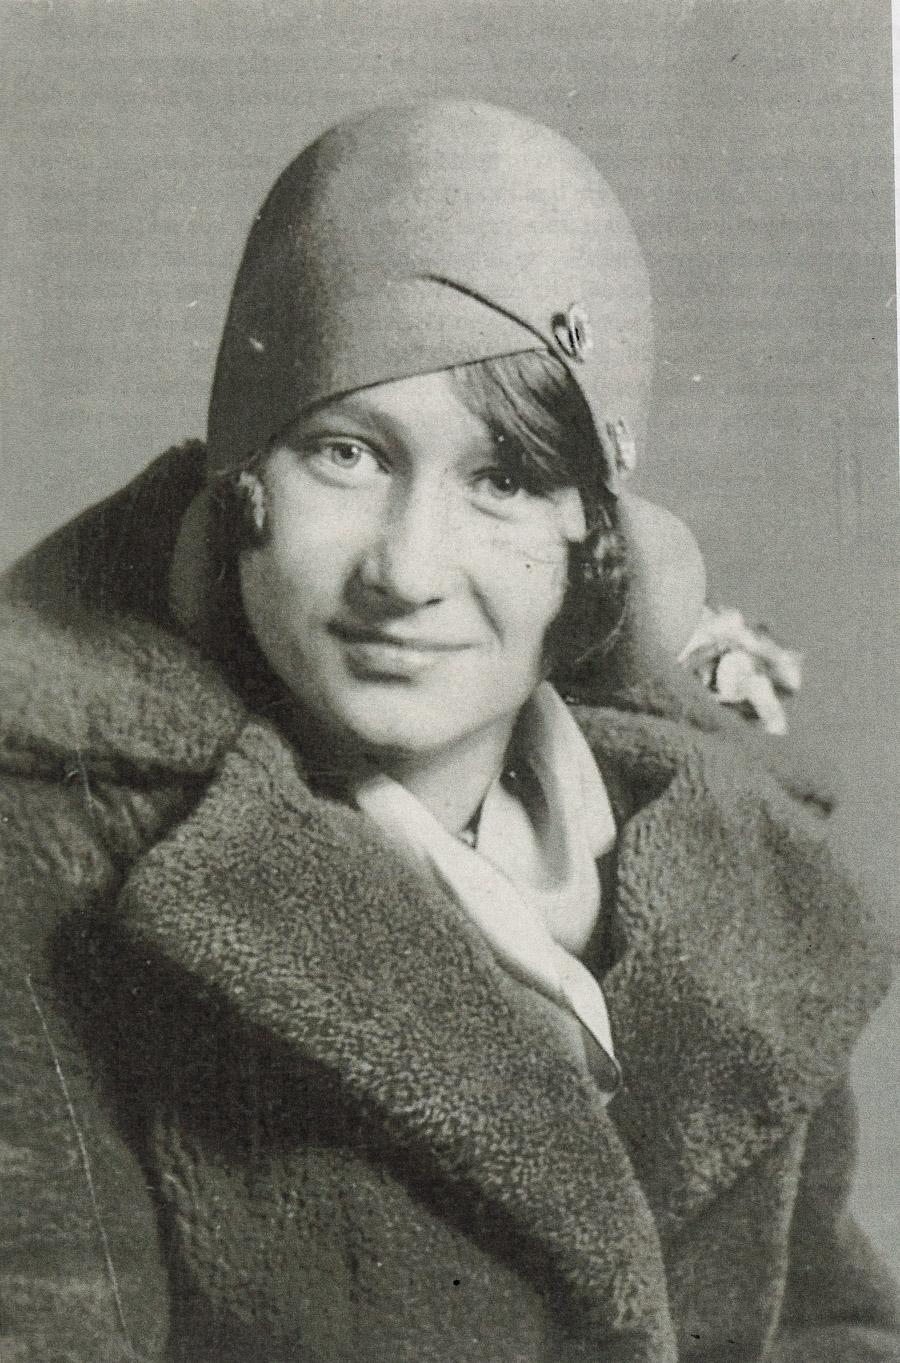 Photo I Never Took - Tutu in cloche hat